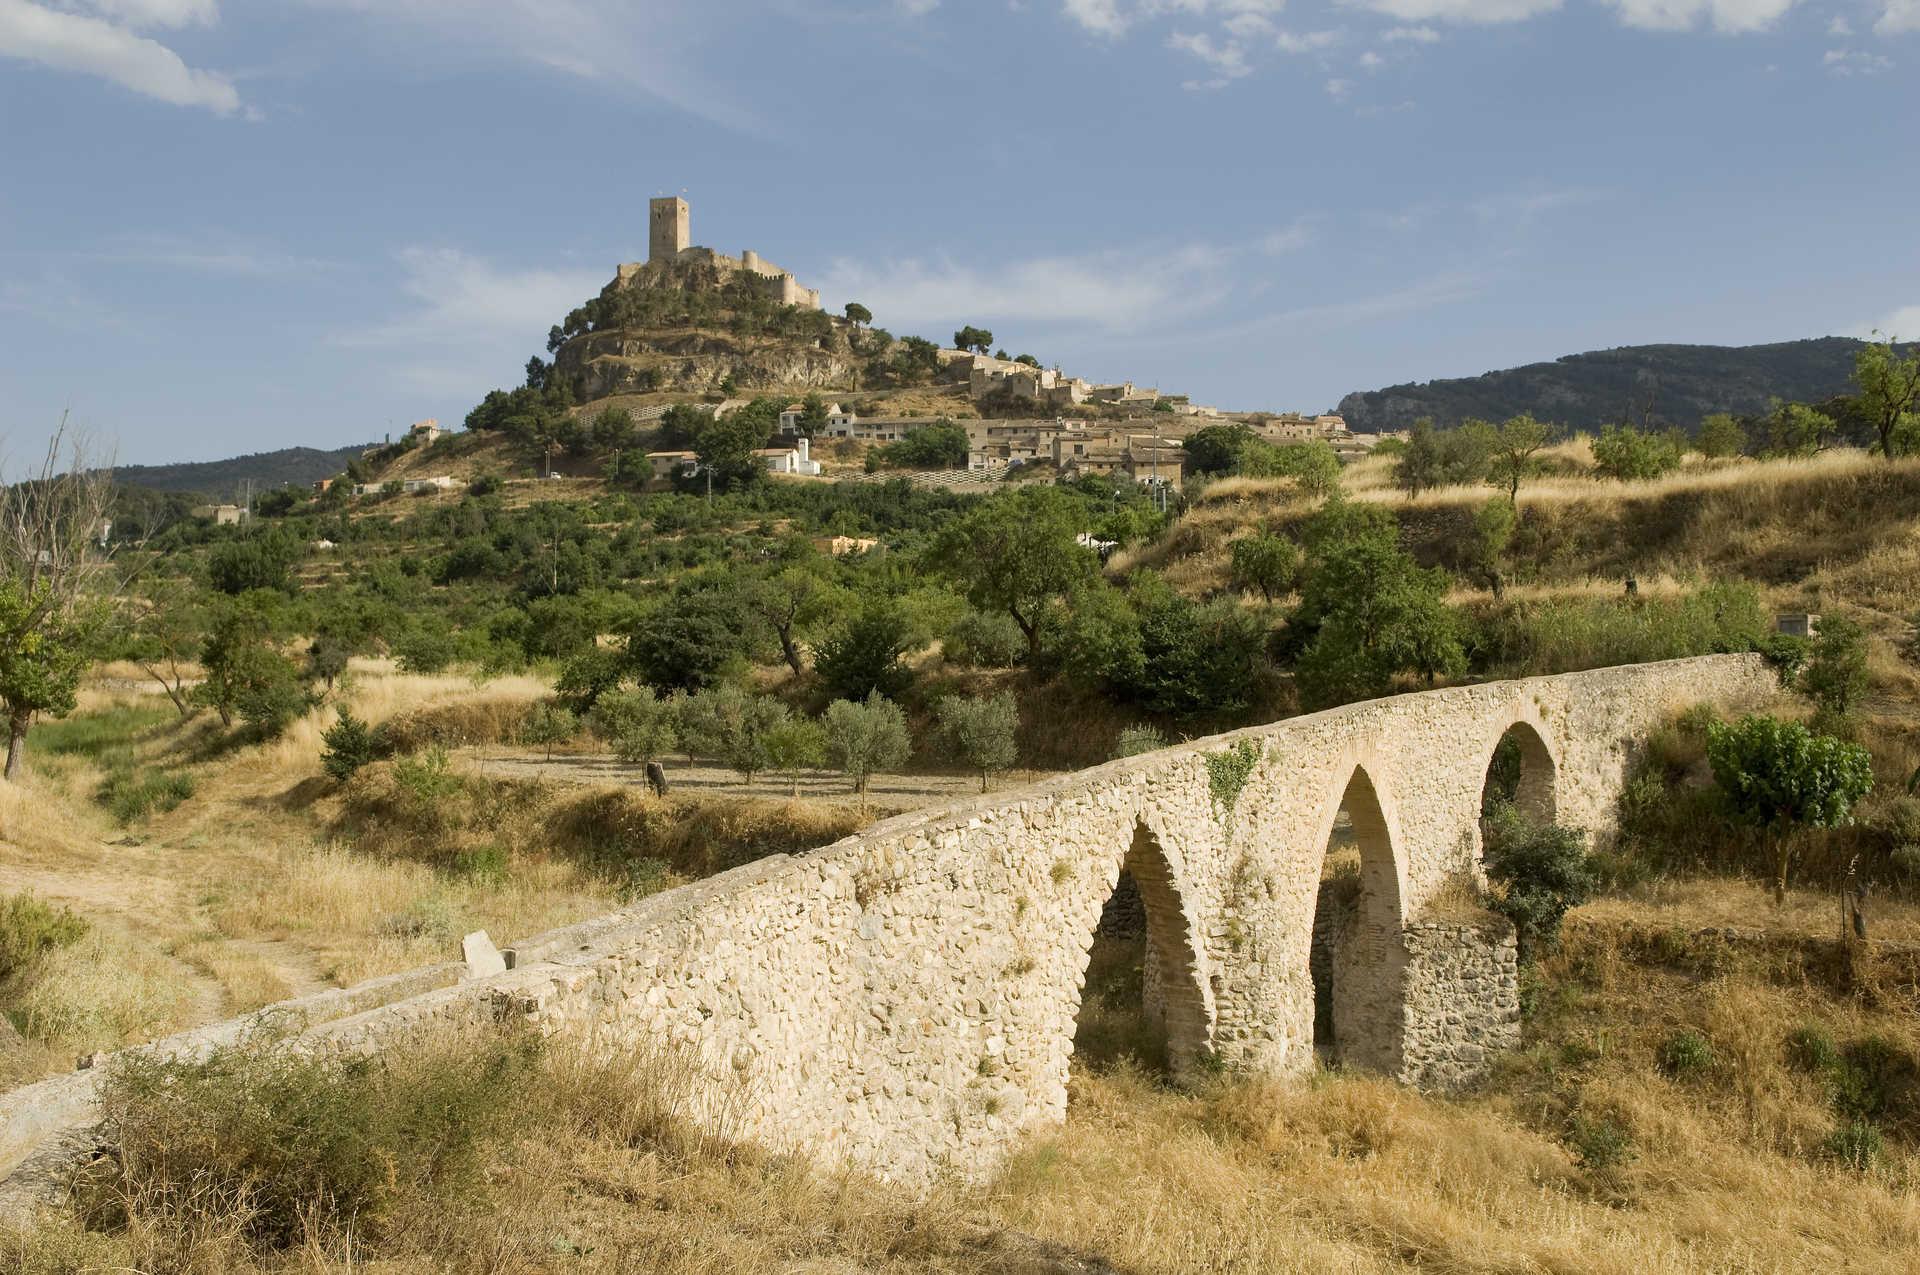 Ojival Aqueduct